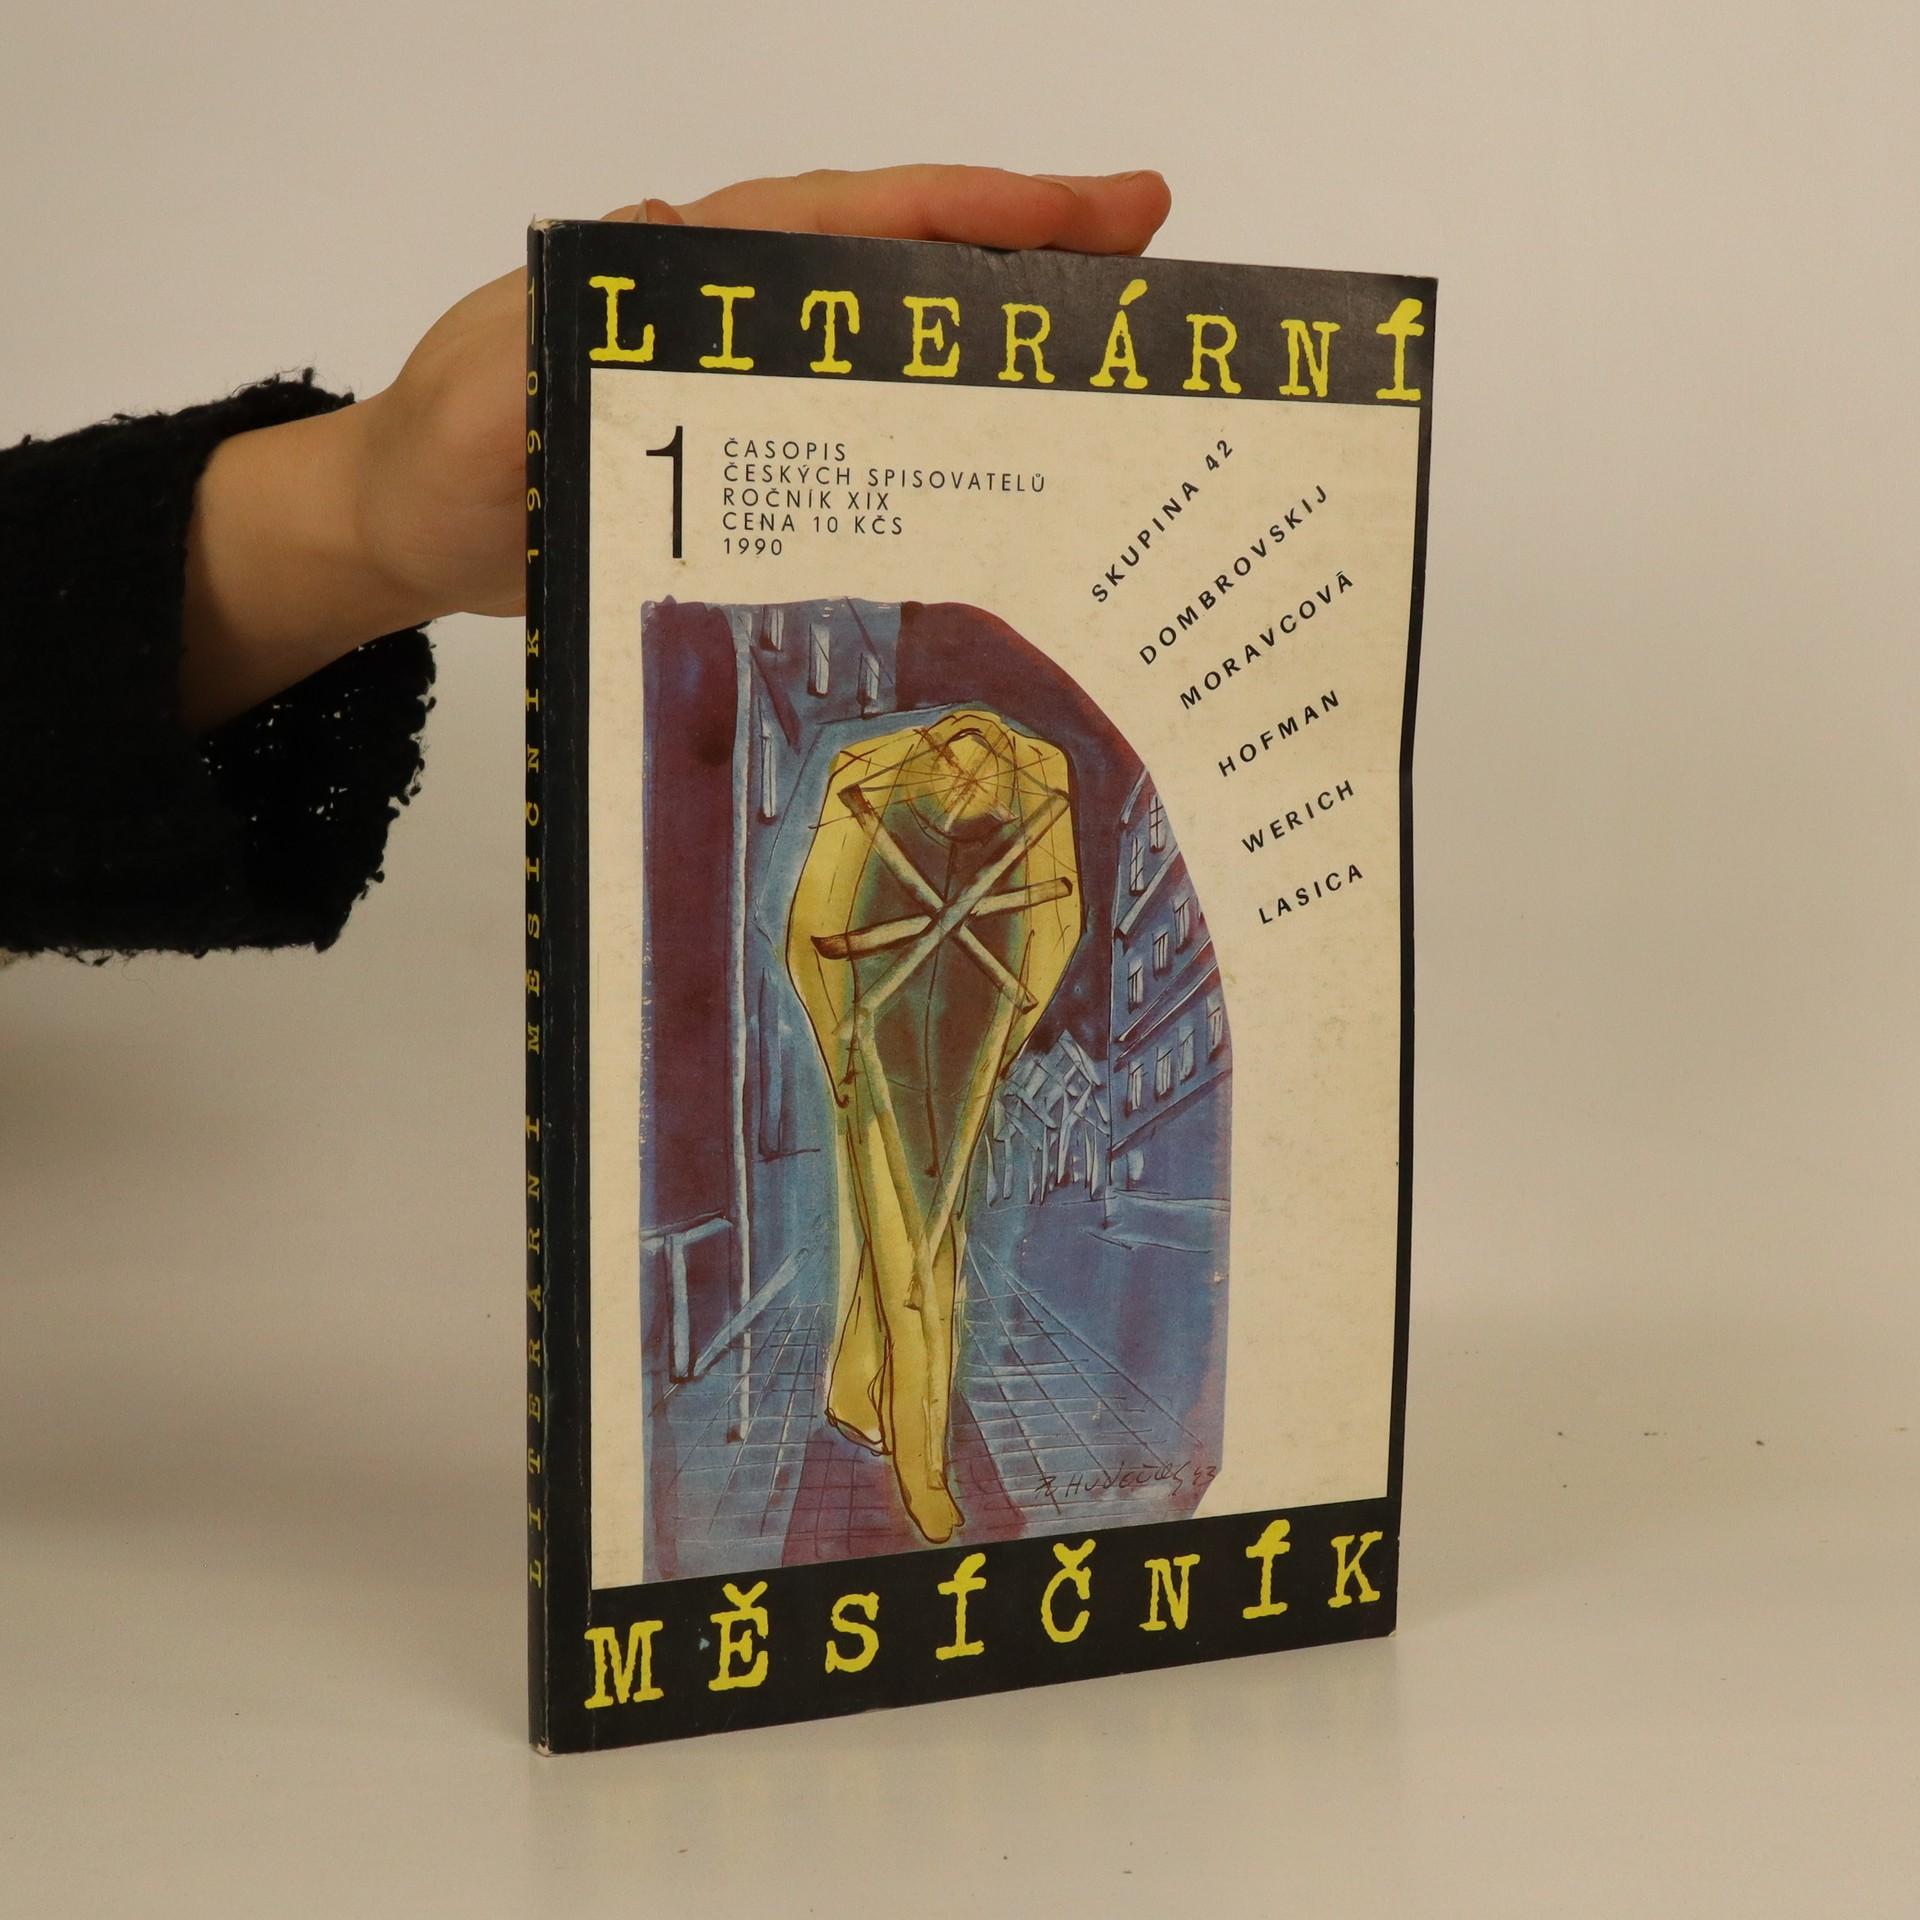 antikvární kniha Literární měsíčník, ročník XIX (1/1990), 1990